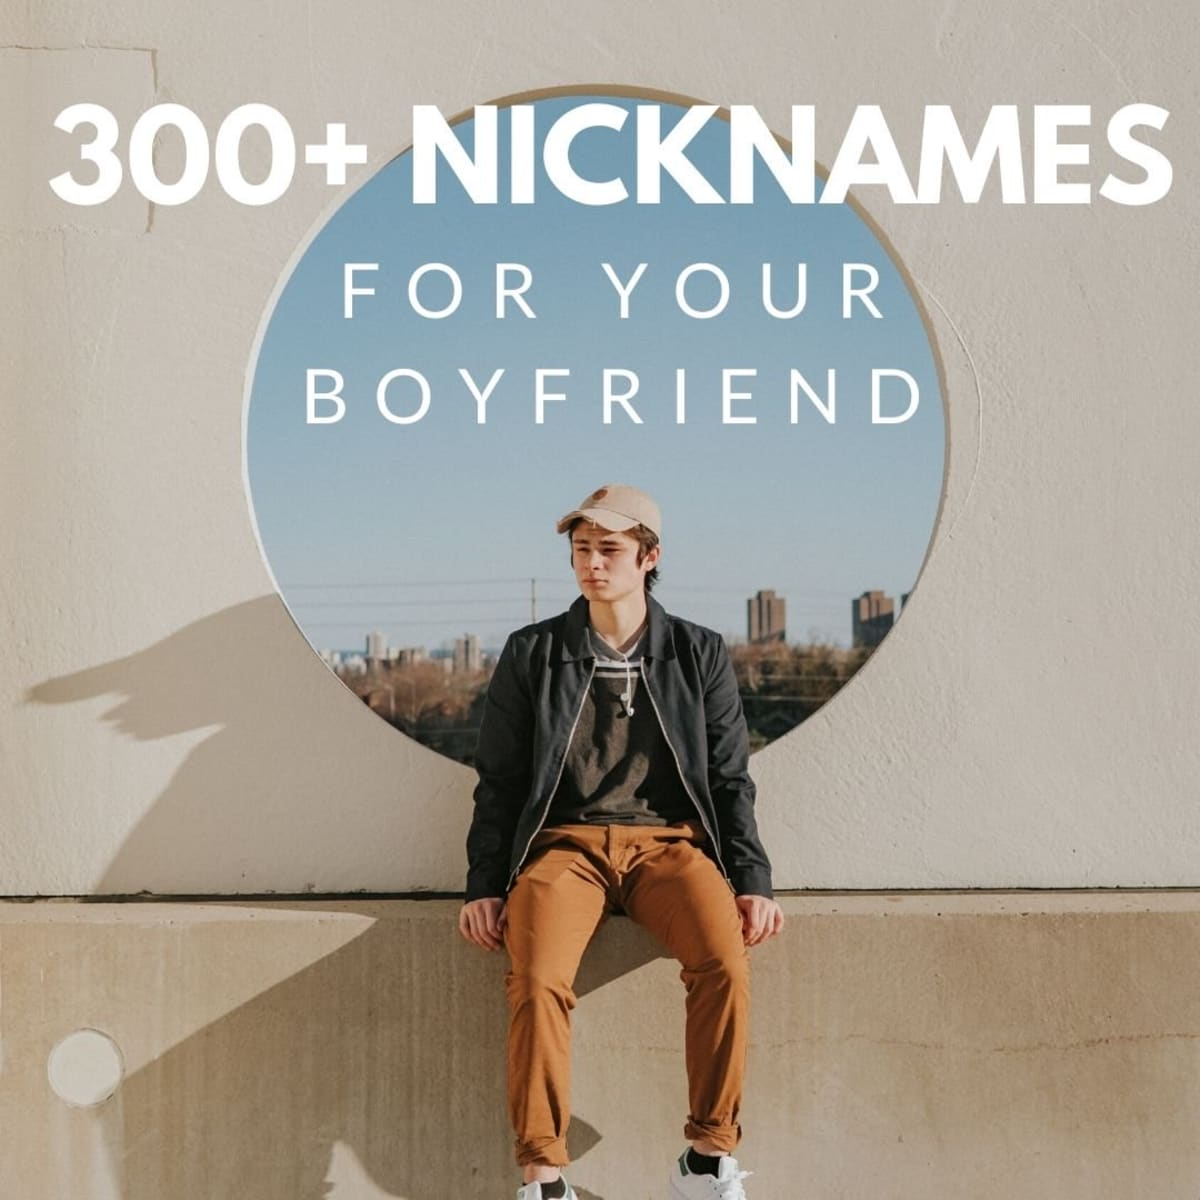 Boyfriend nicknames list for Top 80